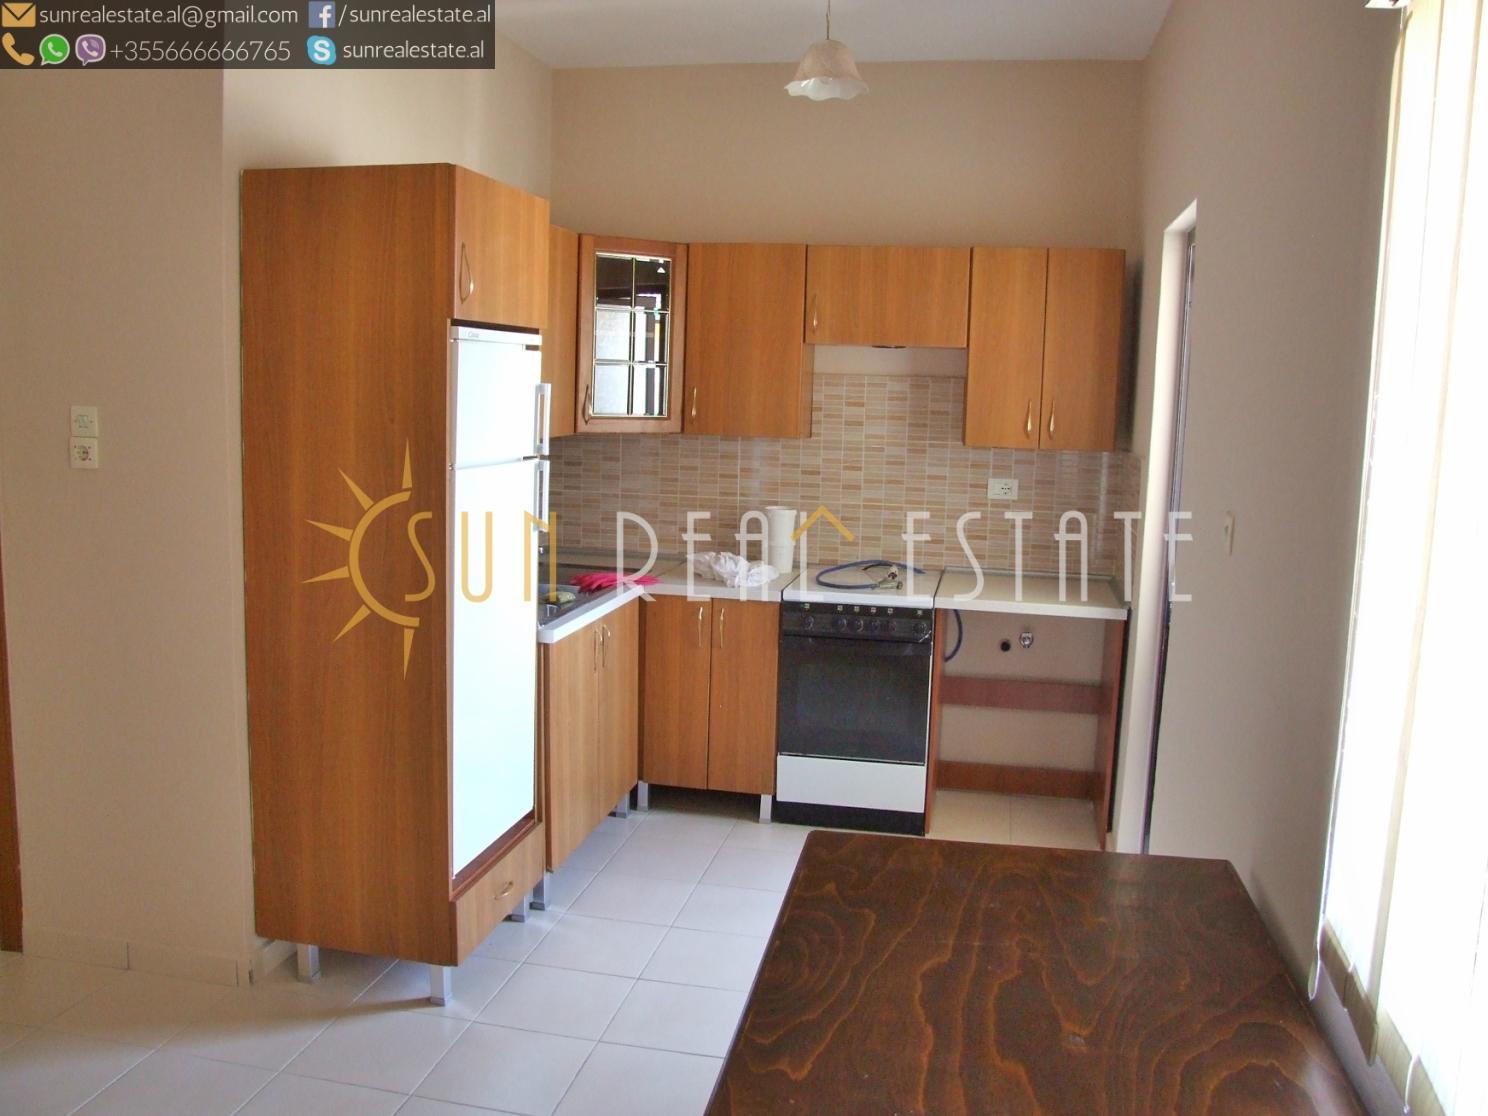 Apartament 1+1 në shitje